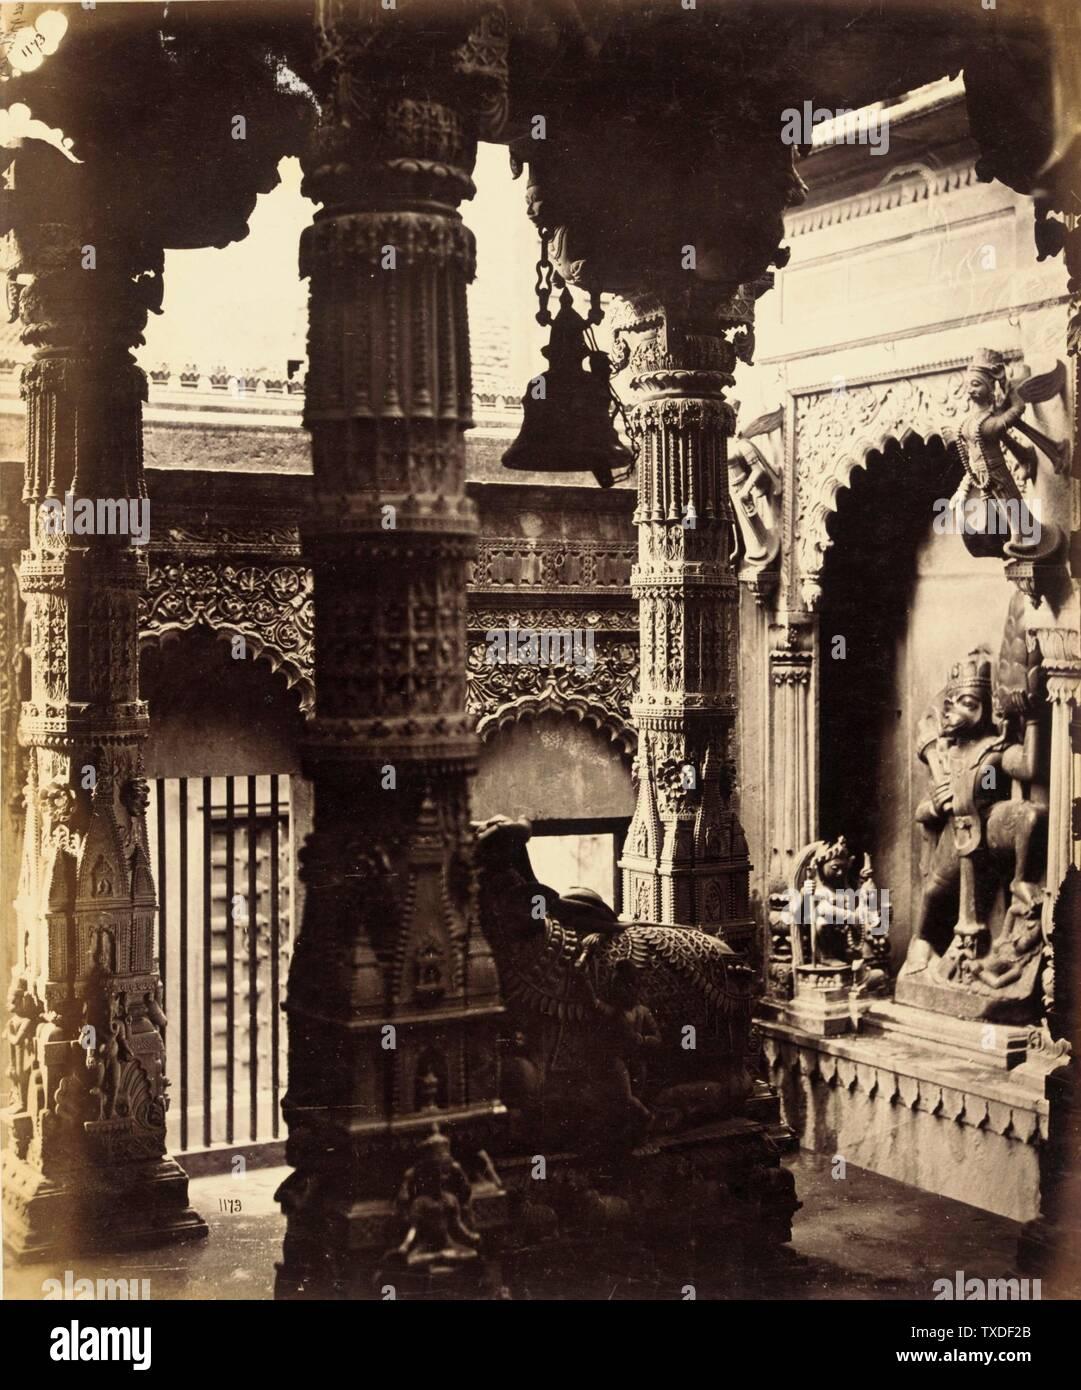 Untitled; England, ca. 1865 Deskriptiv: (Innenansicht des Tempels) Fotos Alben drucken Ungerahmt: 11 1/4 x 9 3/8 Zoll. (28,58 x 23,81 cm) Geschenk von Mr. Und Mrs. Philip Feldman (M.83.302.12) Fotografien; ca. 1865 Datum QS:P571,+1865-00-00T00:00:00Z/9,P1480,Q5727902; Stockfoto